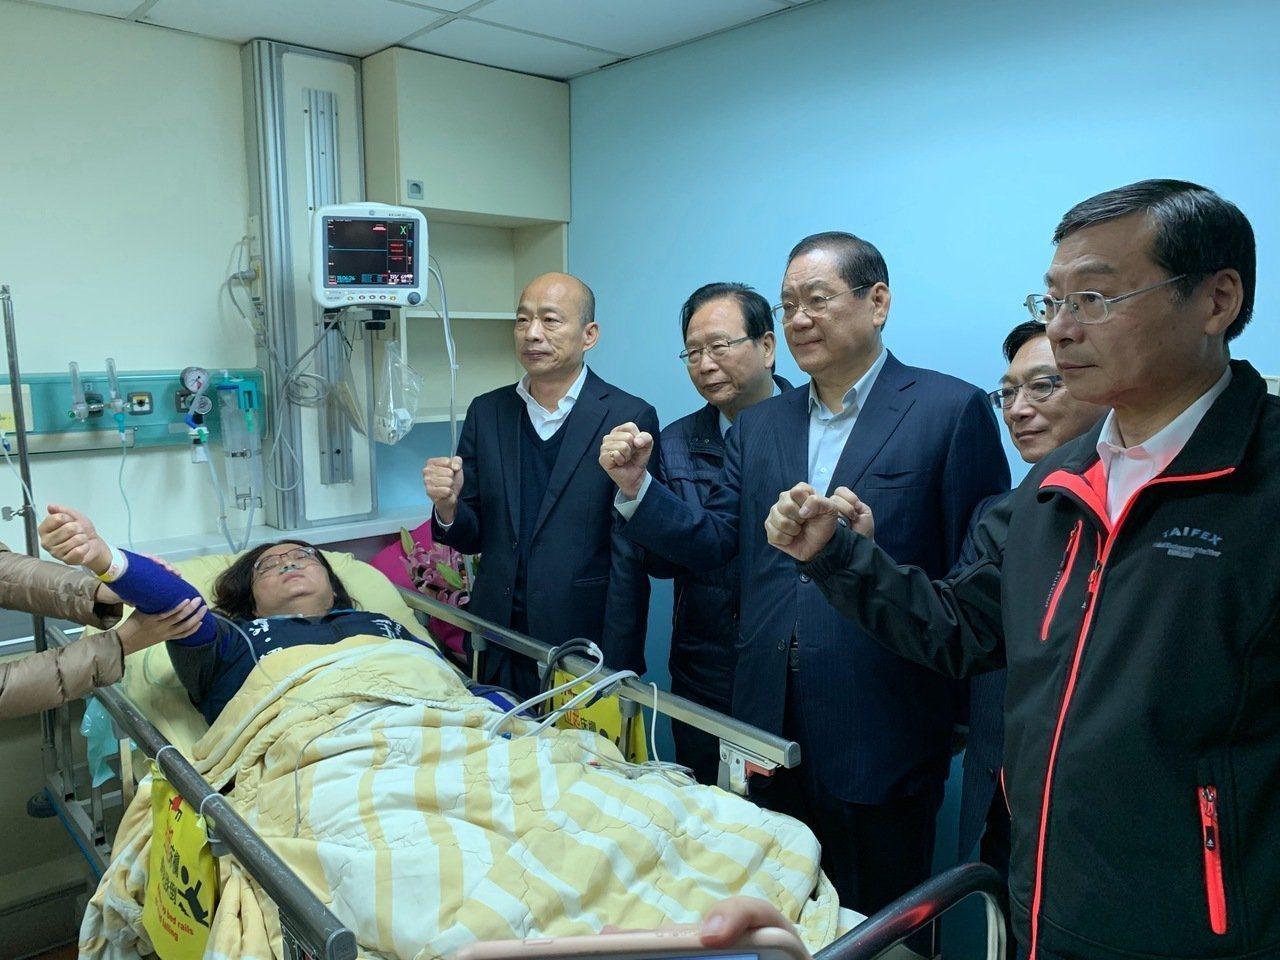 陈玉珍因手指夹伤被送到重症急诊区治疗,还有多位国民党员前来探视引发争议,更让许多...